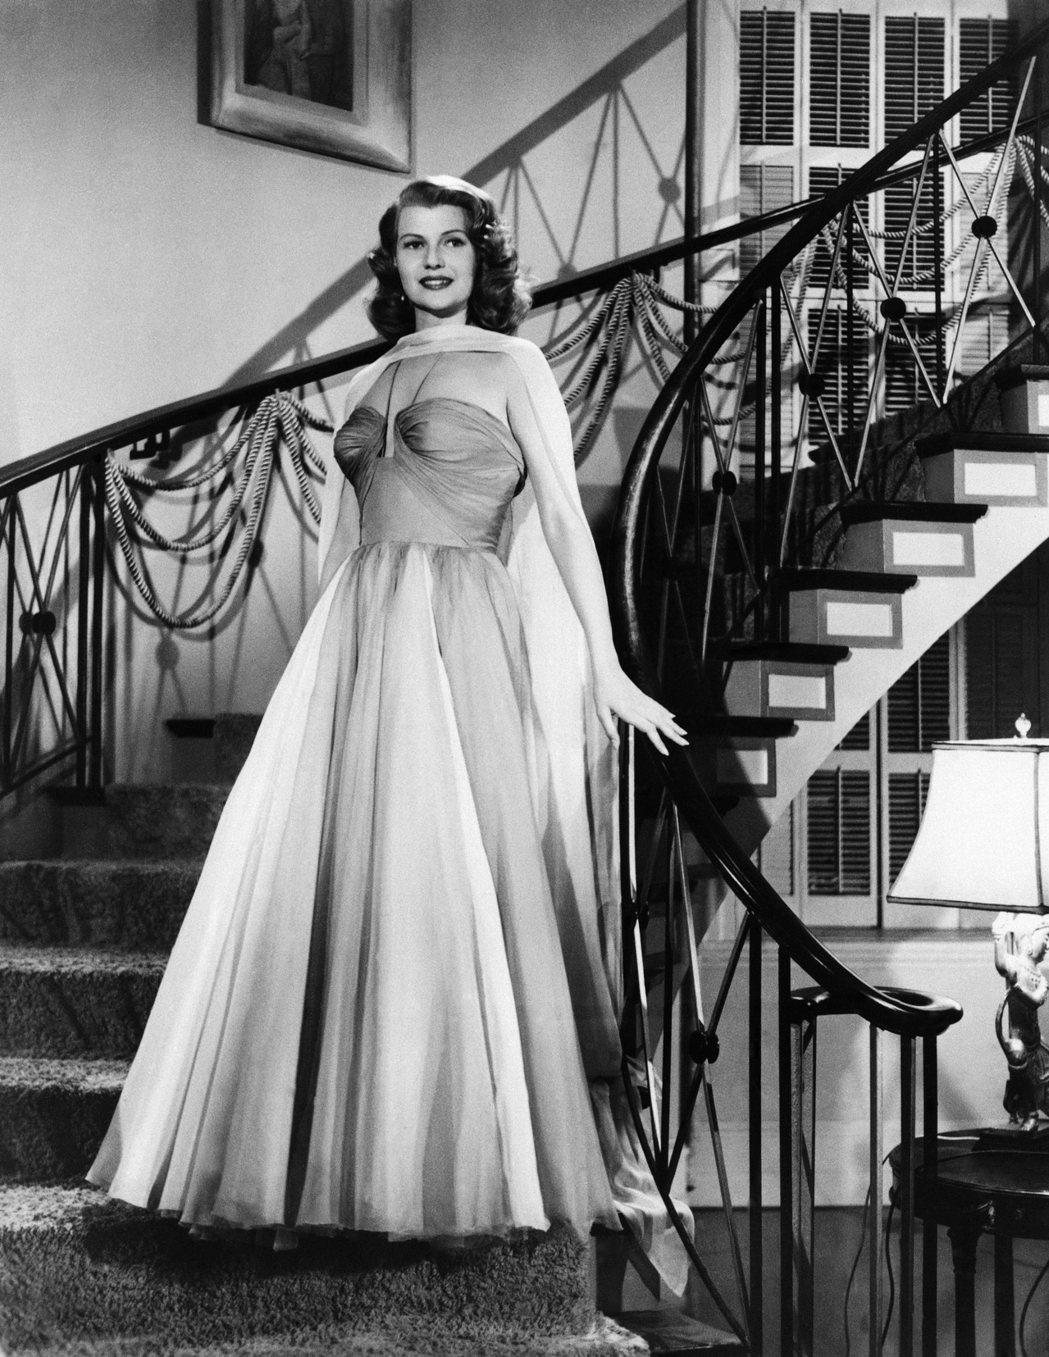 好萊塢性感女神麗塔海華絲也曾當過王妃。圖/美聯社